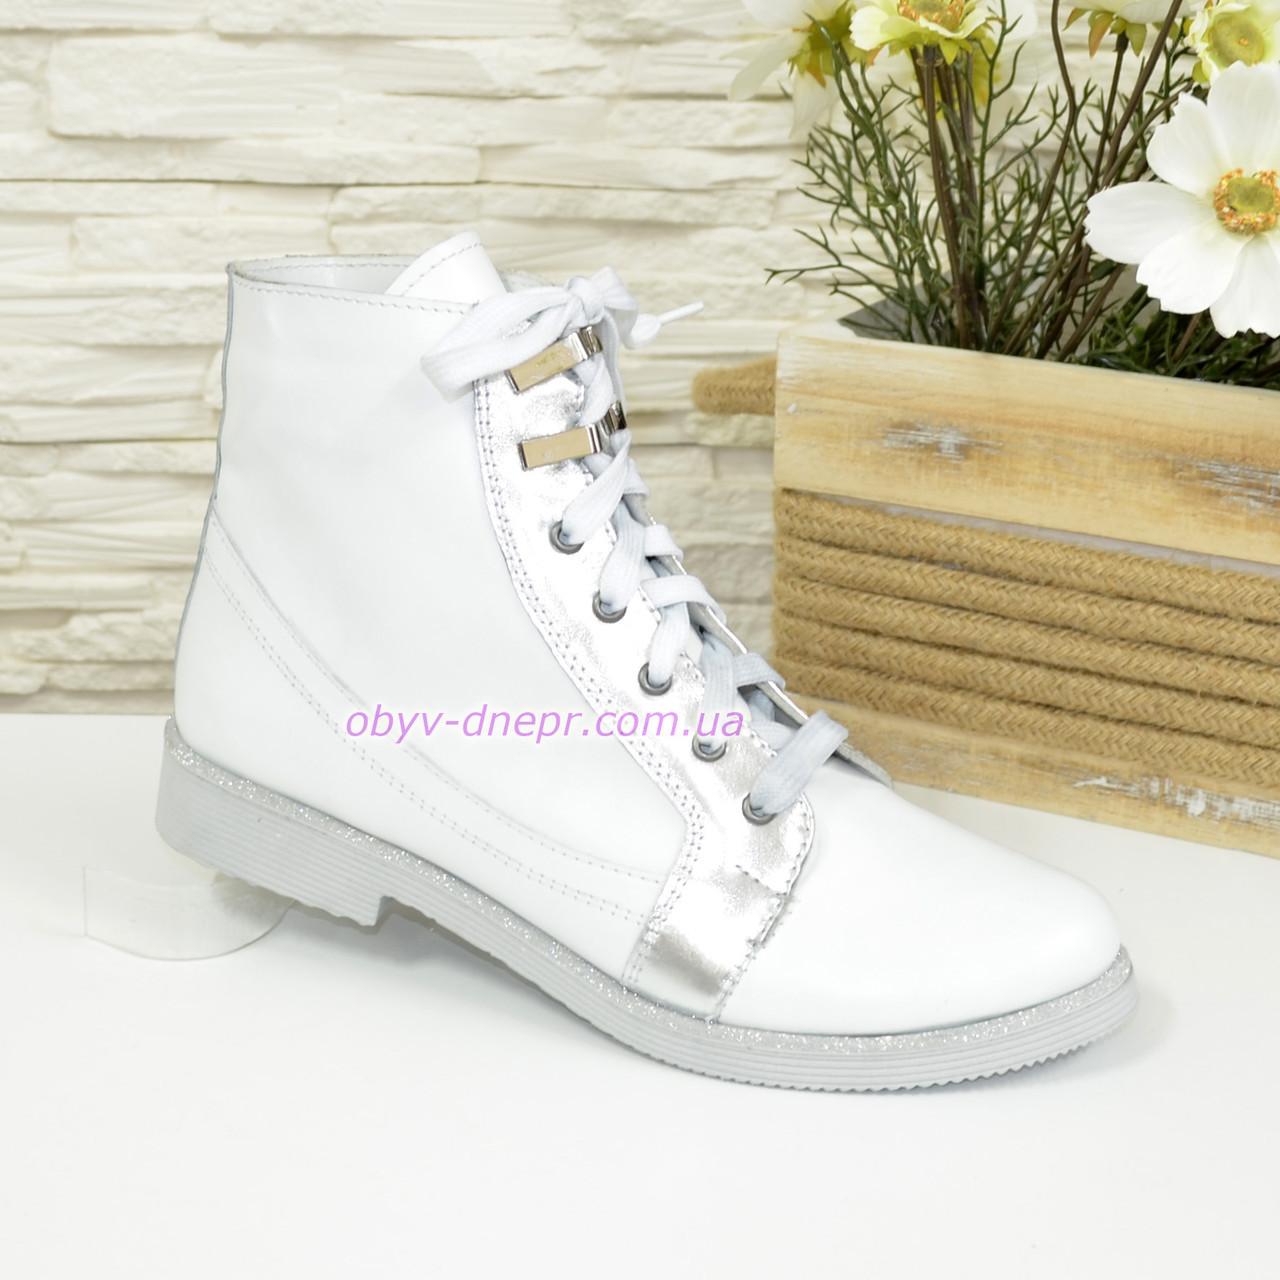 Демисезонные женские кожаные ботинки на шнуровке, цвет белый/серебро, фото 1